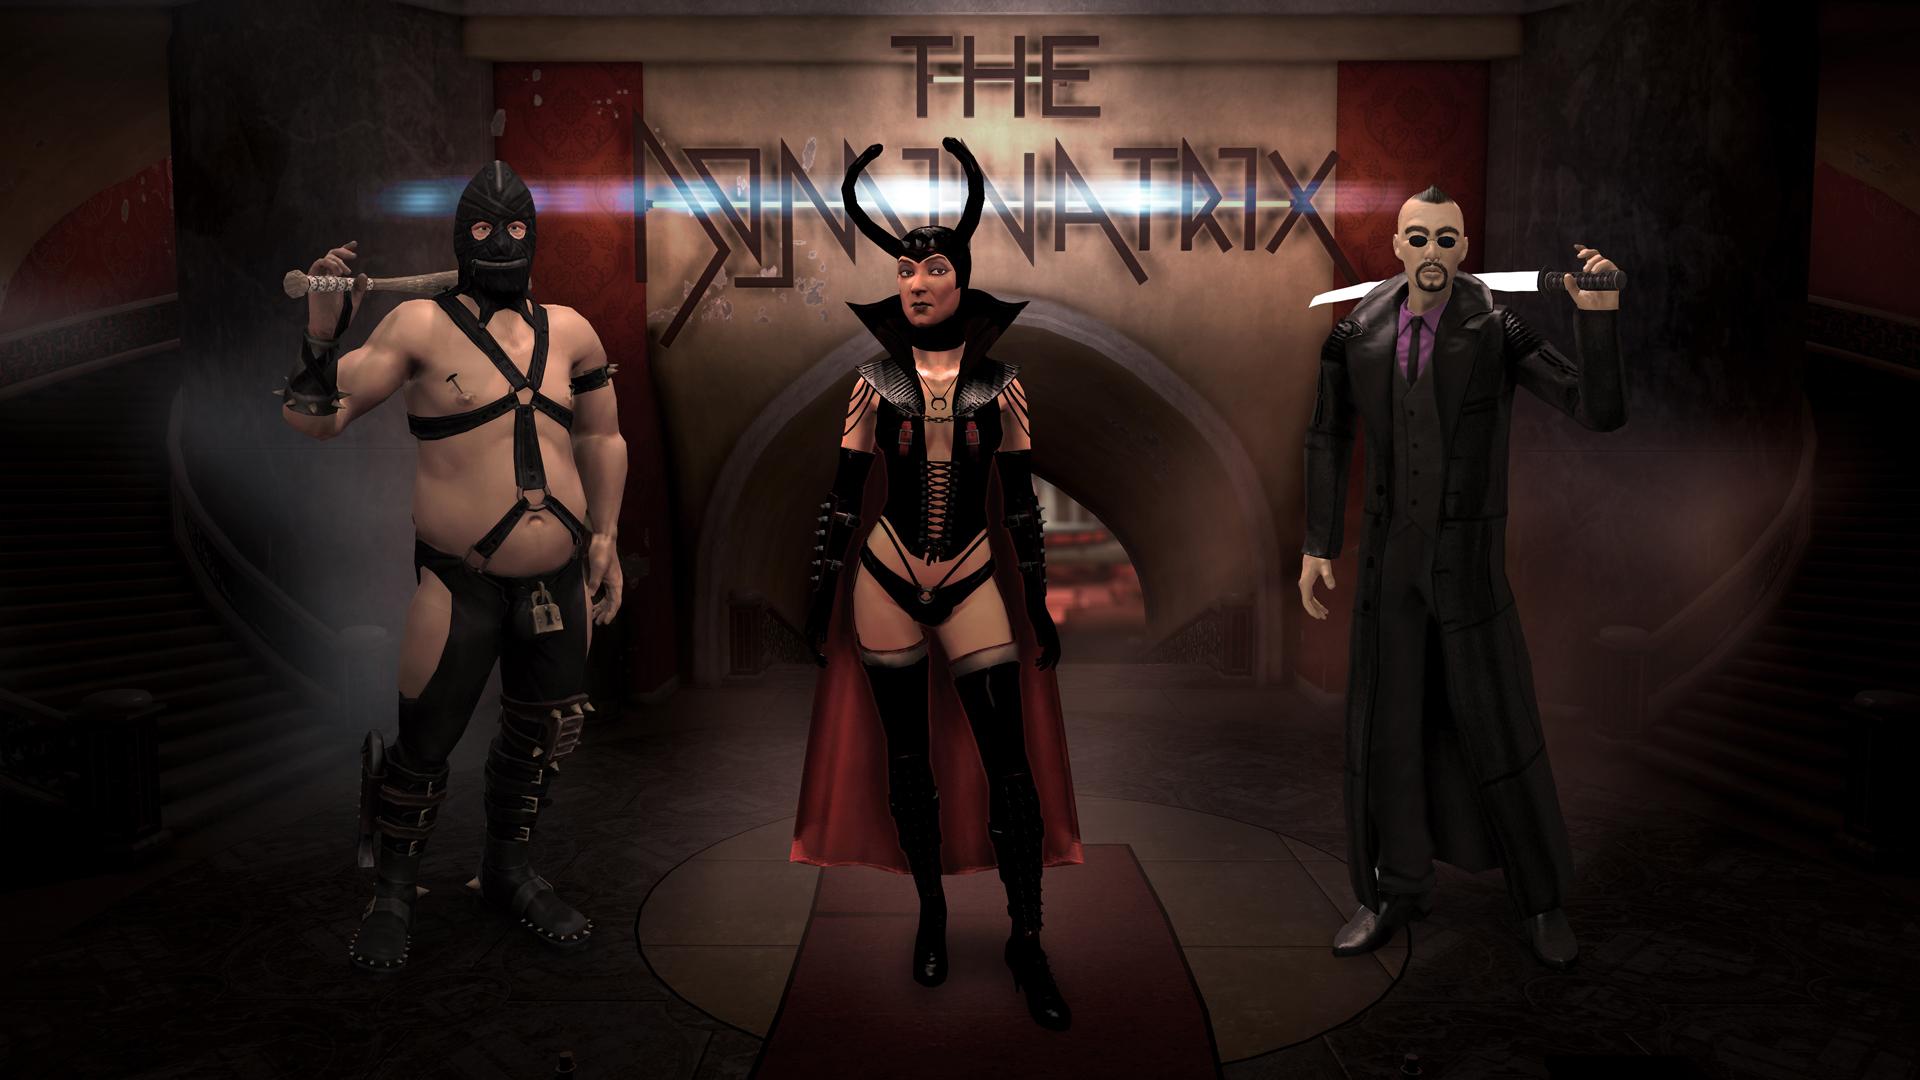 Obrázky z Enter the Dominatrix DLC k Saints Row 4 88771